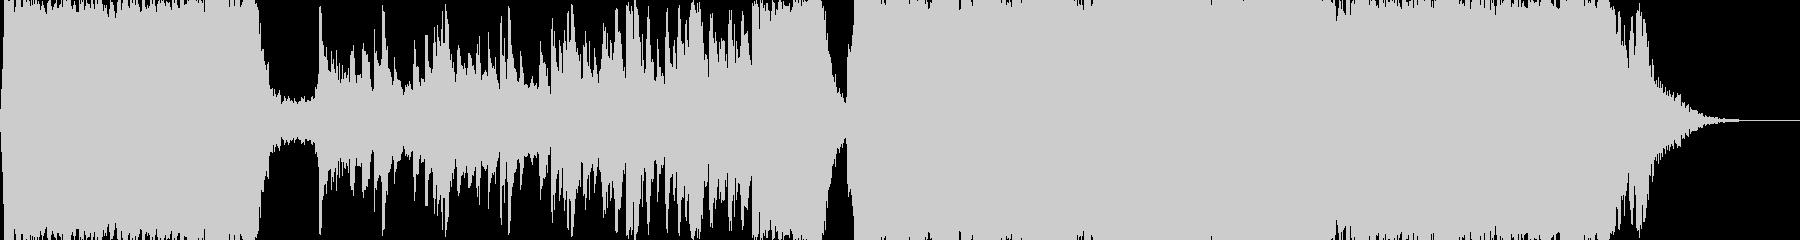 エピック・オーケストラ・接戦の未再生の波形